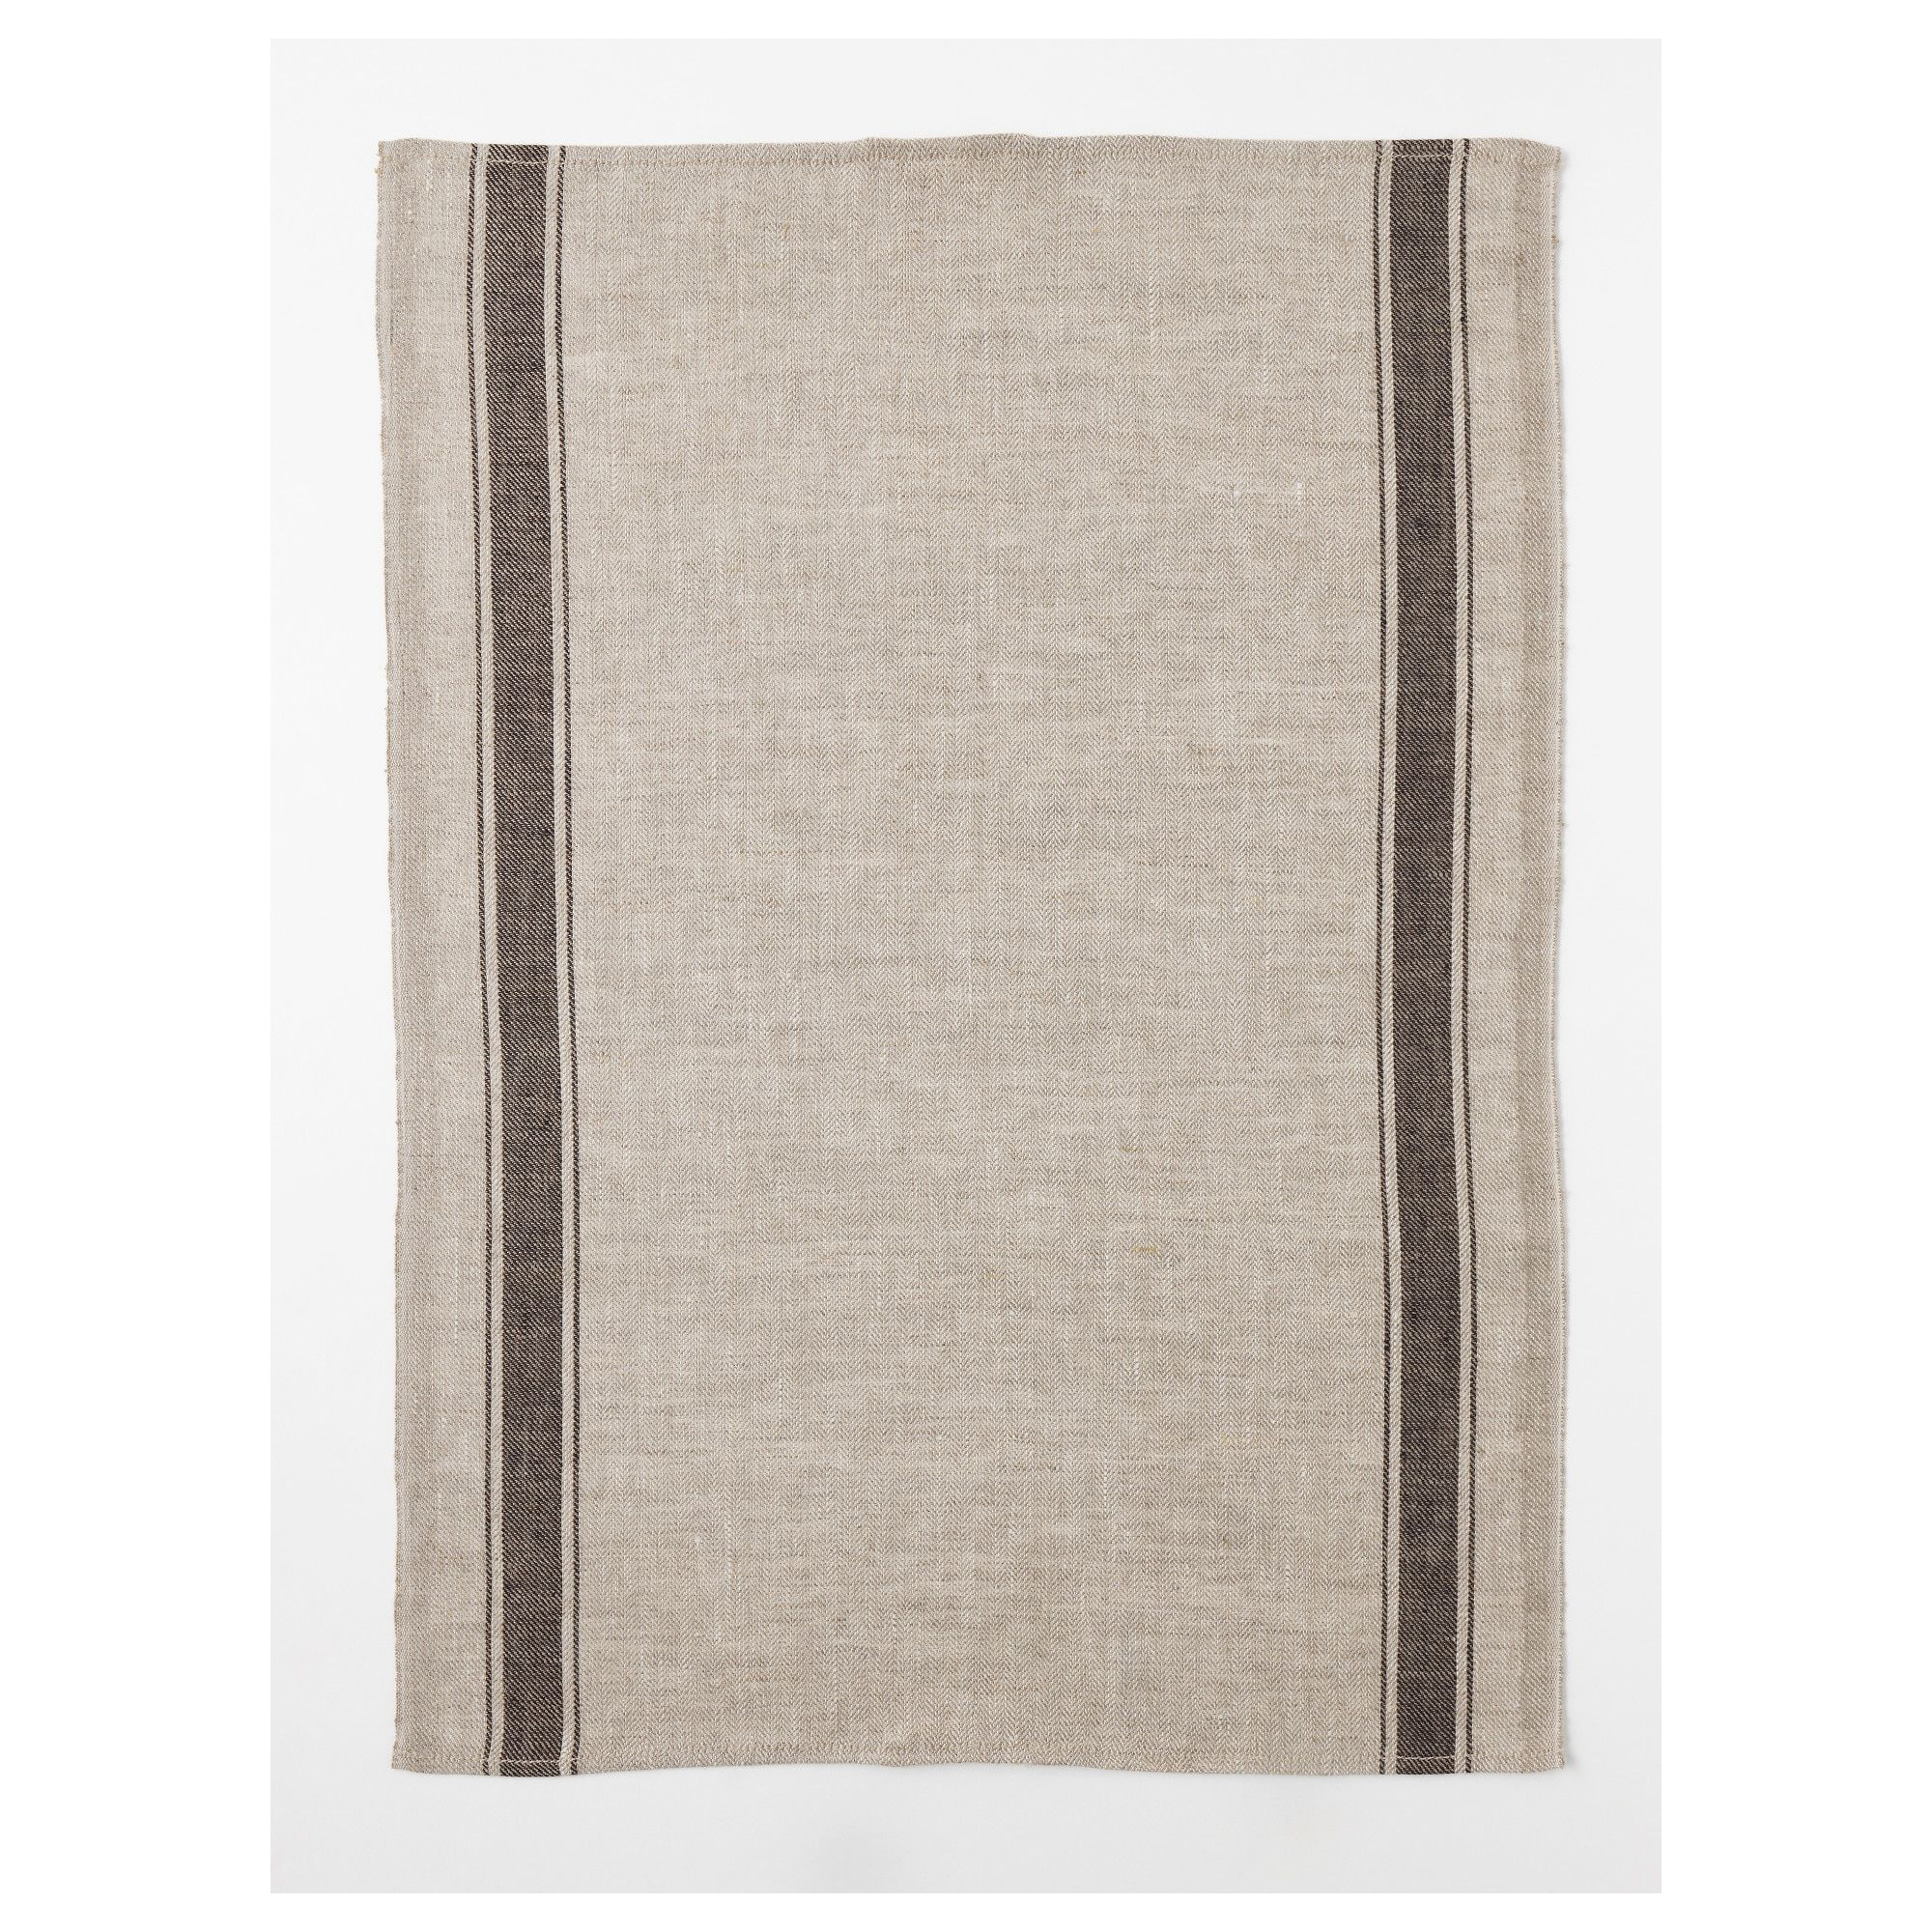 VARDAGEN Dish towel, beige | Kitchen Decor | Kitchen linens ...